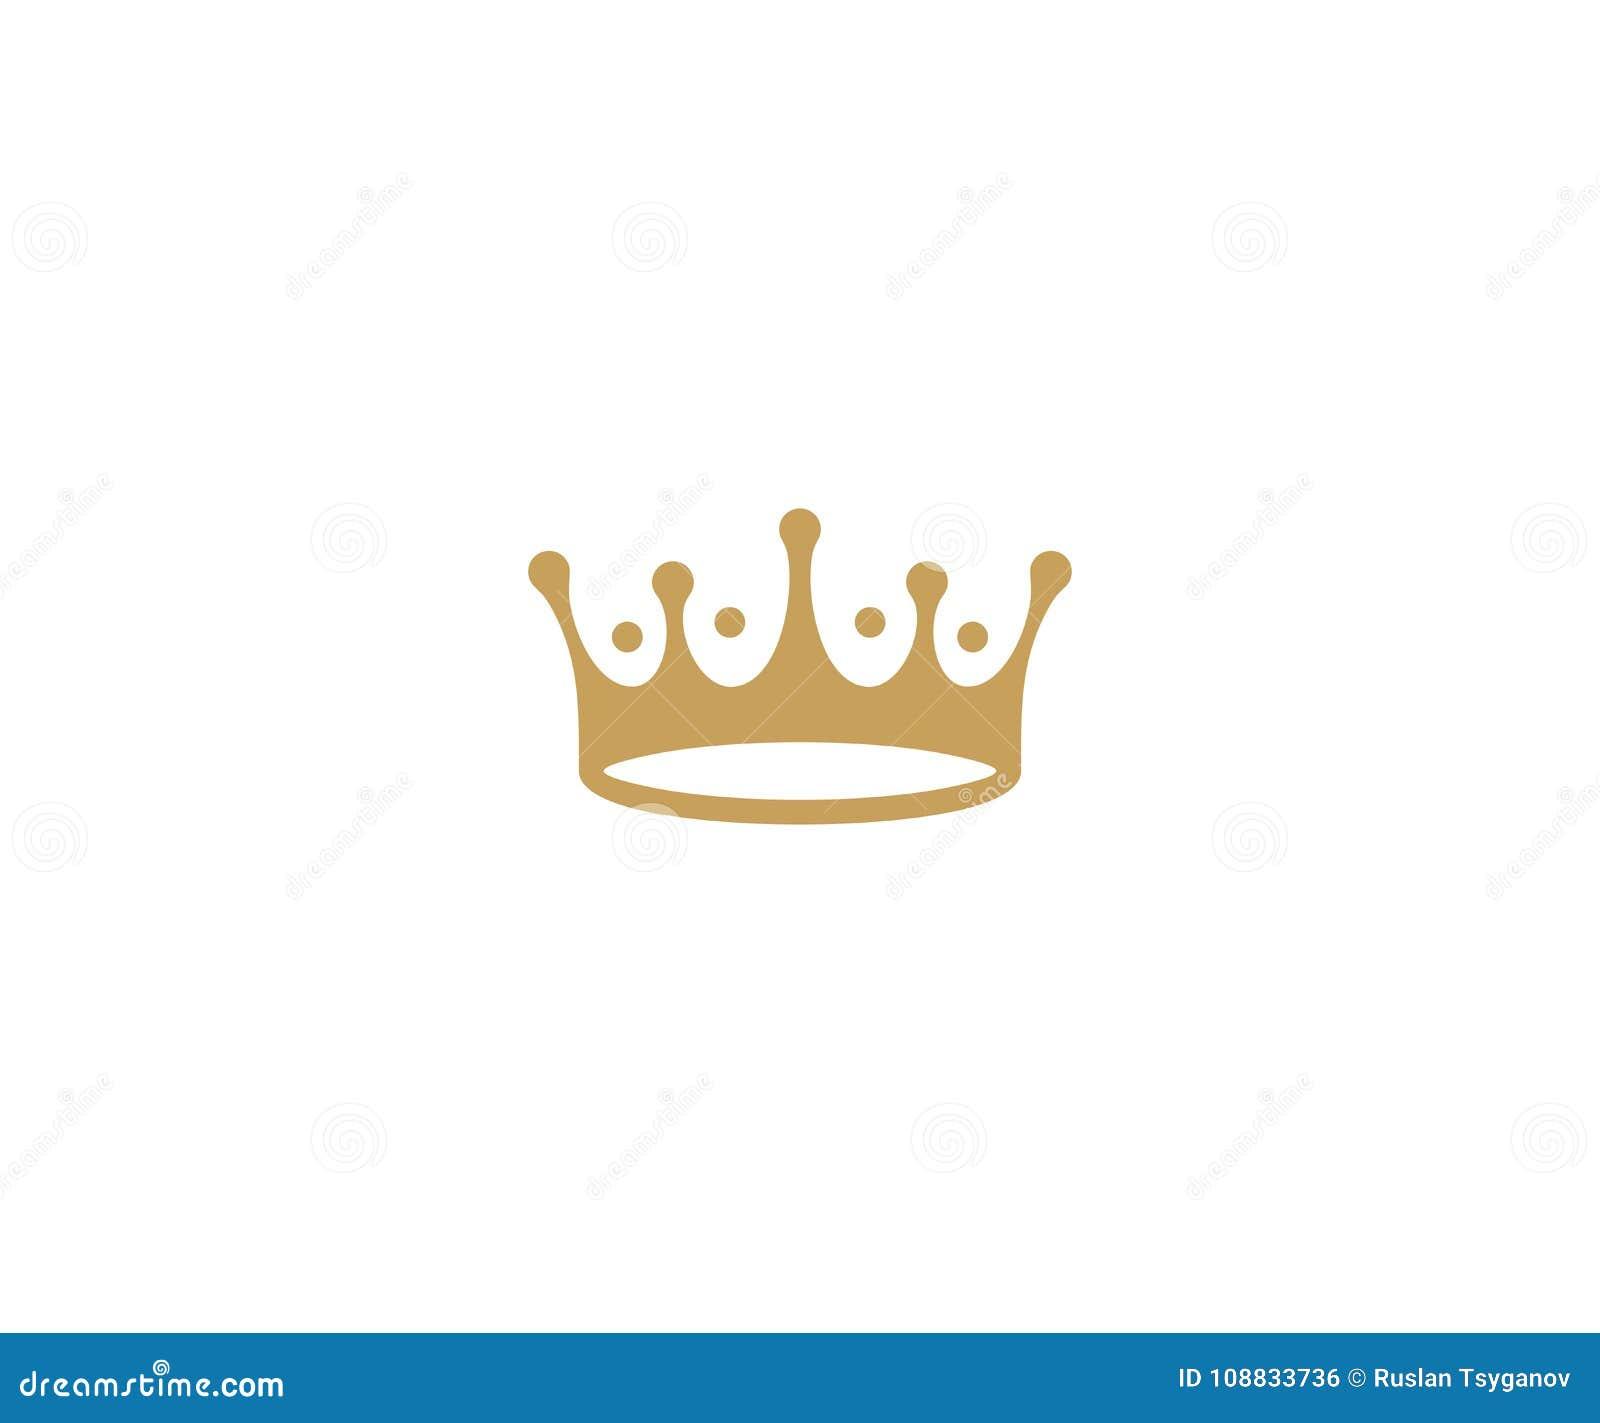 Crown logo template king hat vector design stock vector download comp maxwellsz